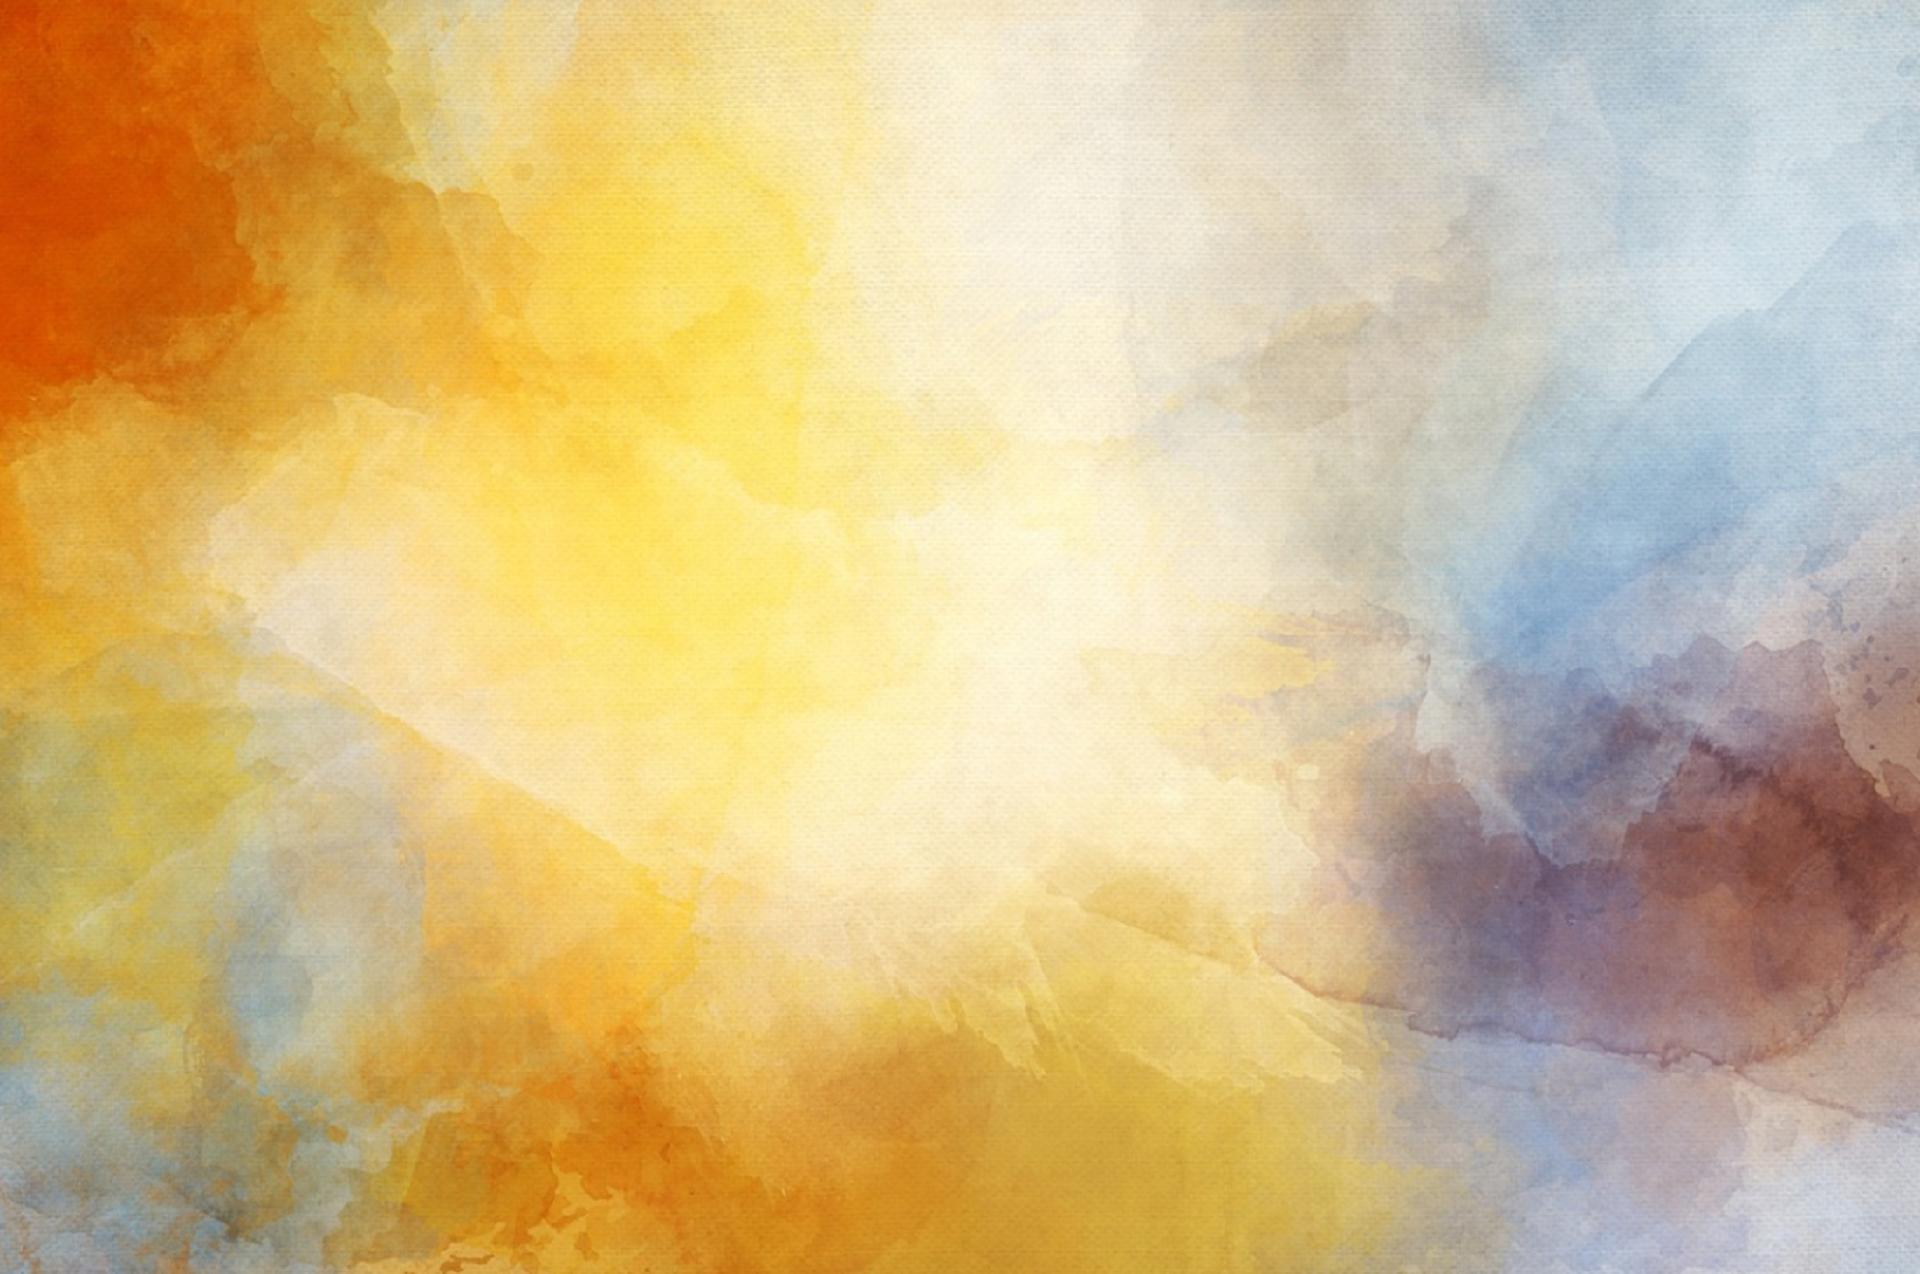 Zdjęcie przedstawia plamę różnych kolorów od czerwonego po żółty, do niebieskiego. Barwy pokrywają się.